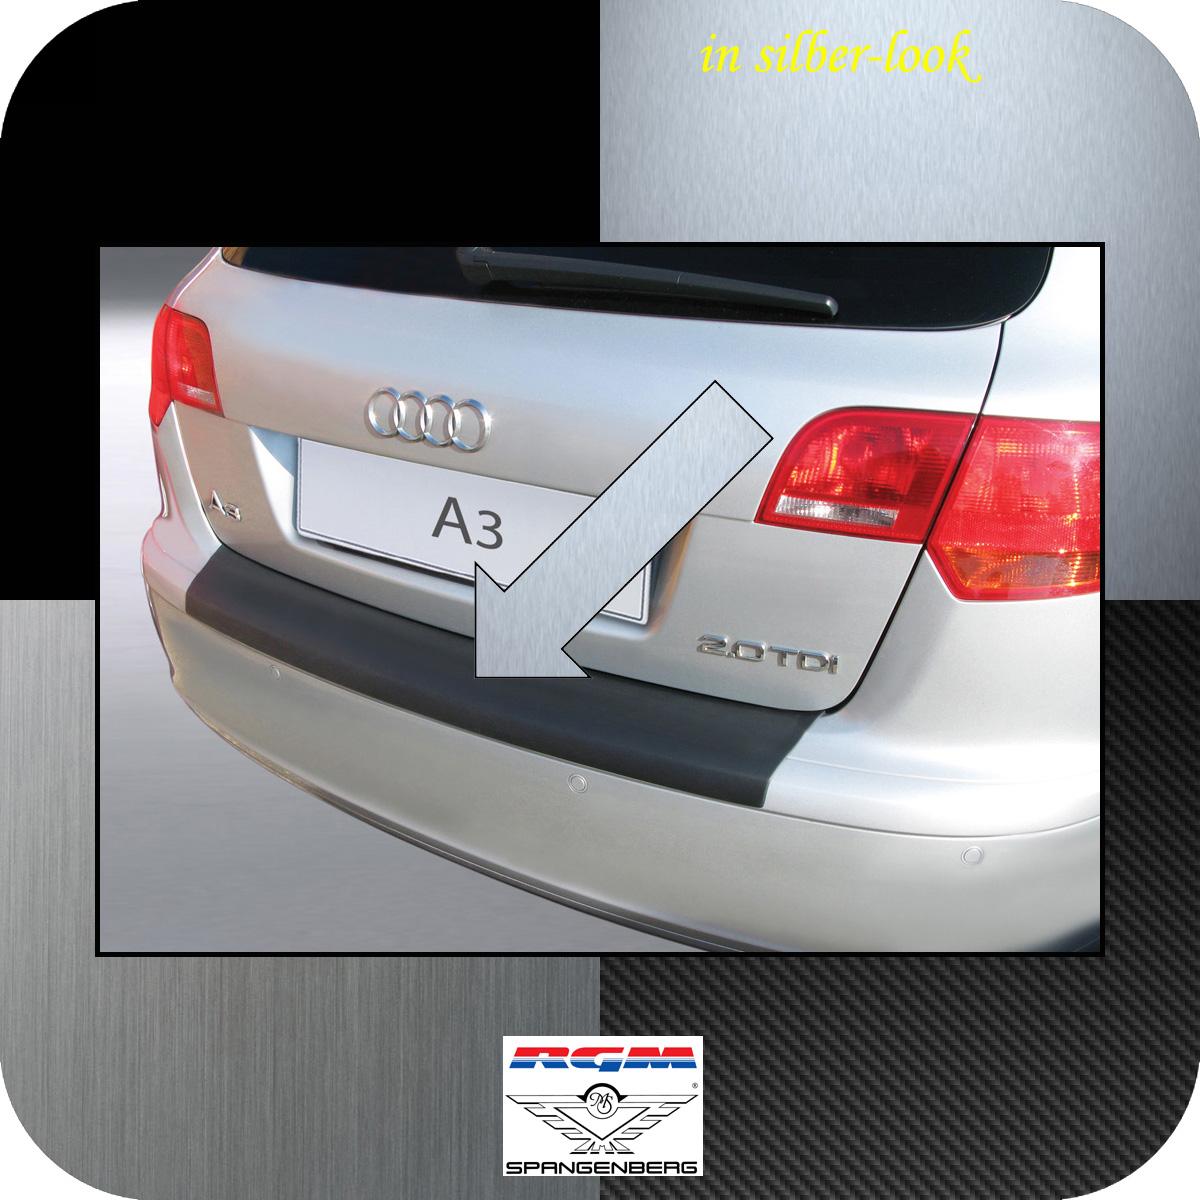 Ladekantenschutz Silber-Look Audi A3 Sportback vor facelift 2004-2008 3506361